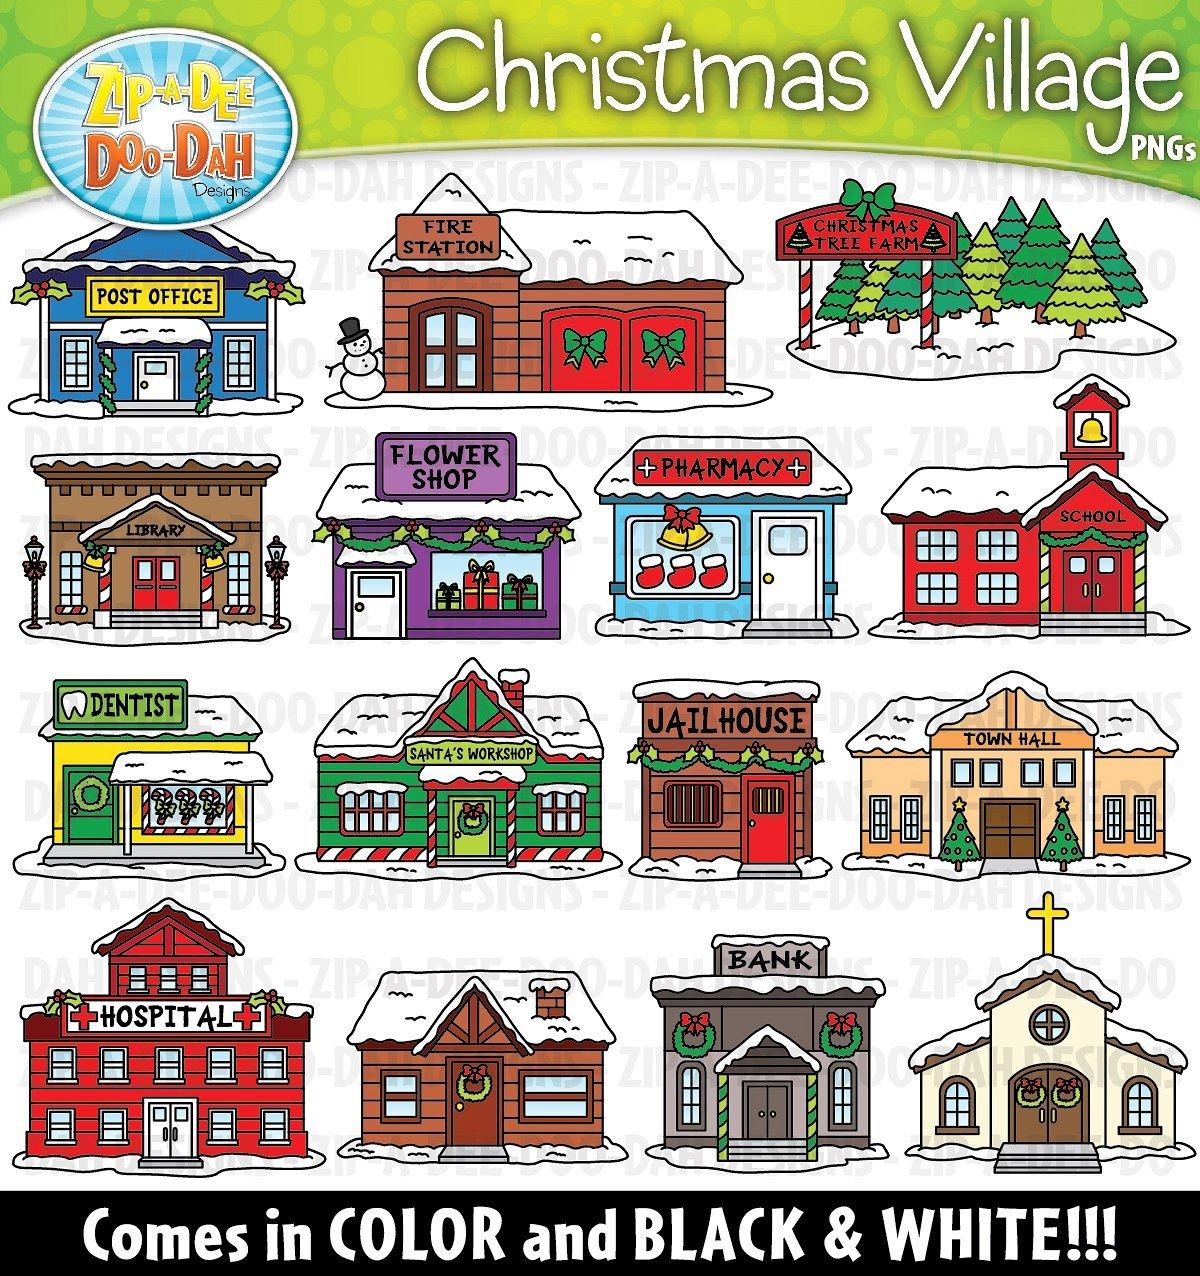 Christmas village clipart 5 » Clipart Portal.